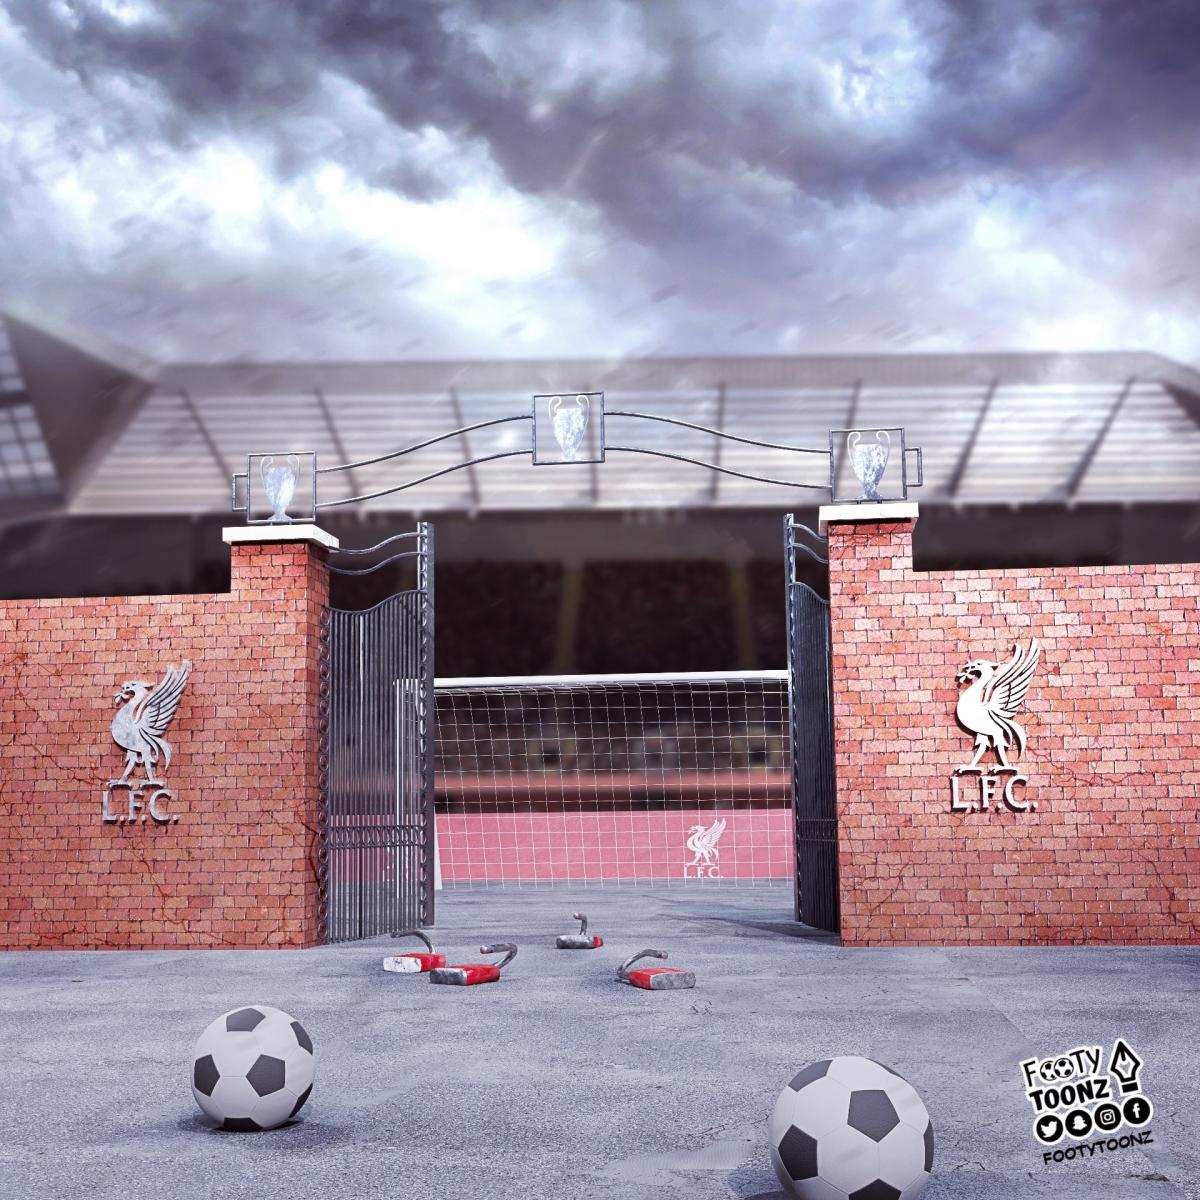 Mây đen u ám bao trùm Liverpool. (Ảnh: Footy Toonz)